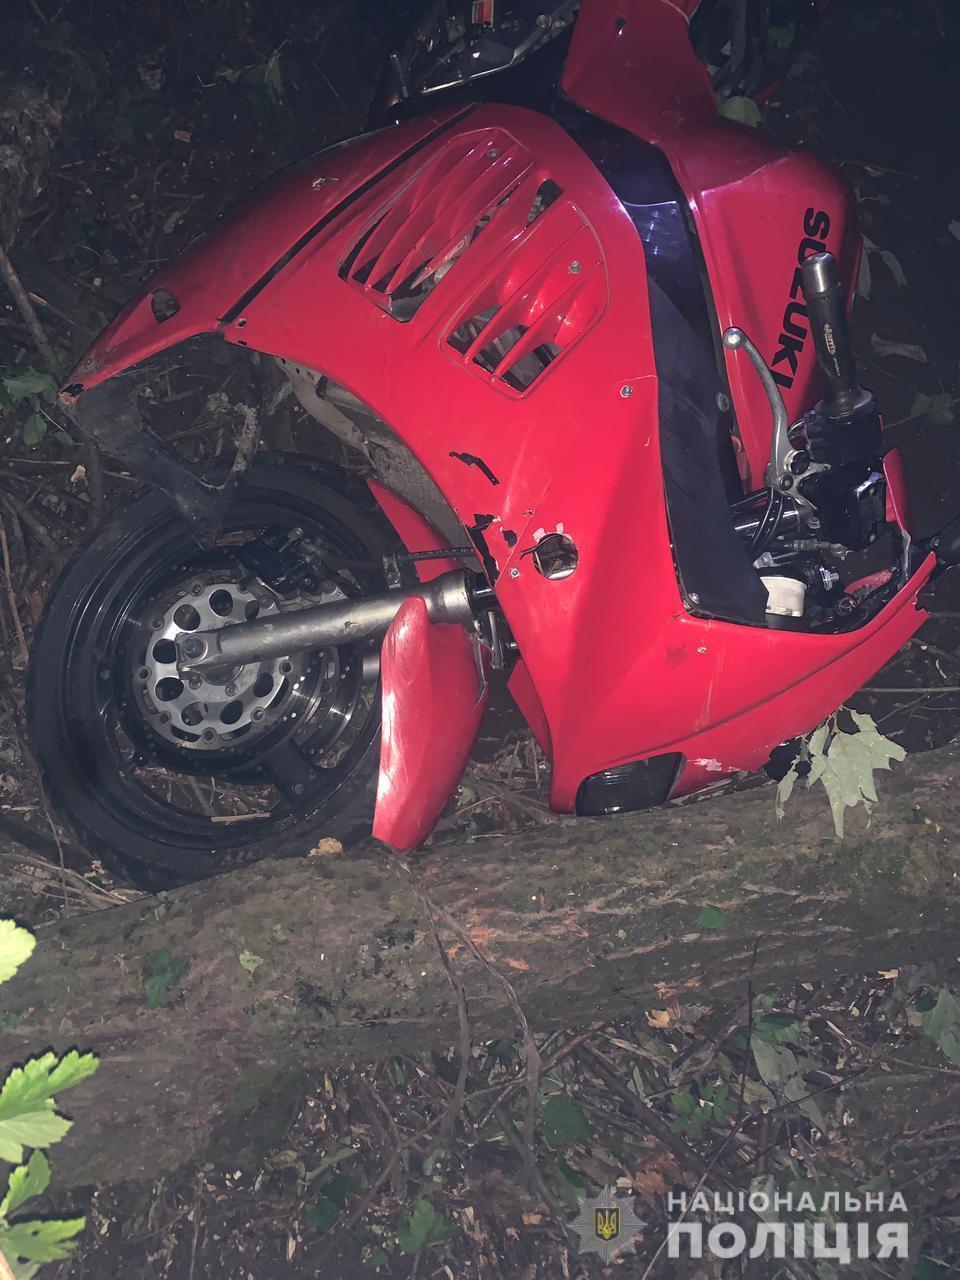 Несовершеннолетний водитель мотоцикла Suzuki умер